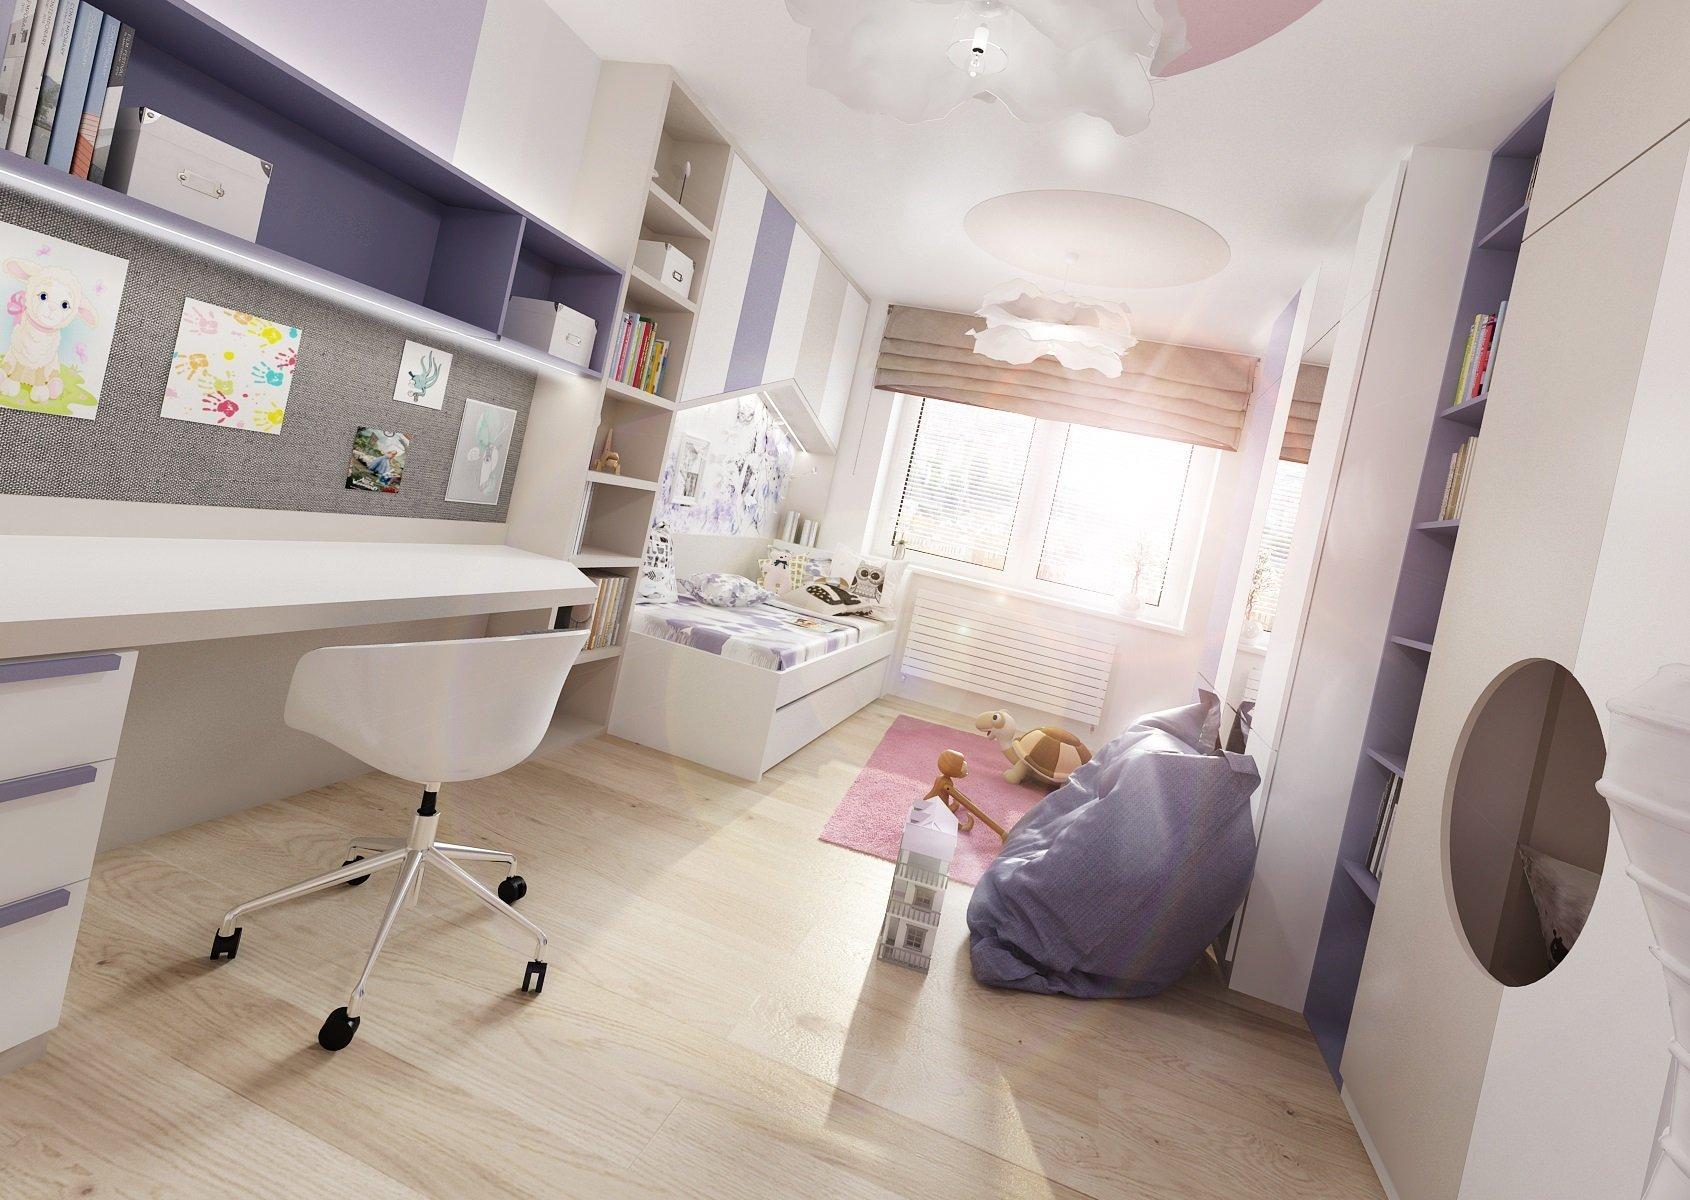 Dva pokoje pro dvě sestry vzájemně propojené průchodem skrz skříně. Pokoj starší dívky je vrůžové, antracitové a bílé barvy. Nad postelí je rámová…